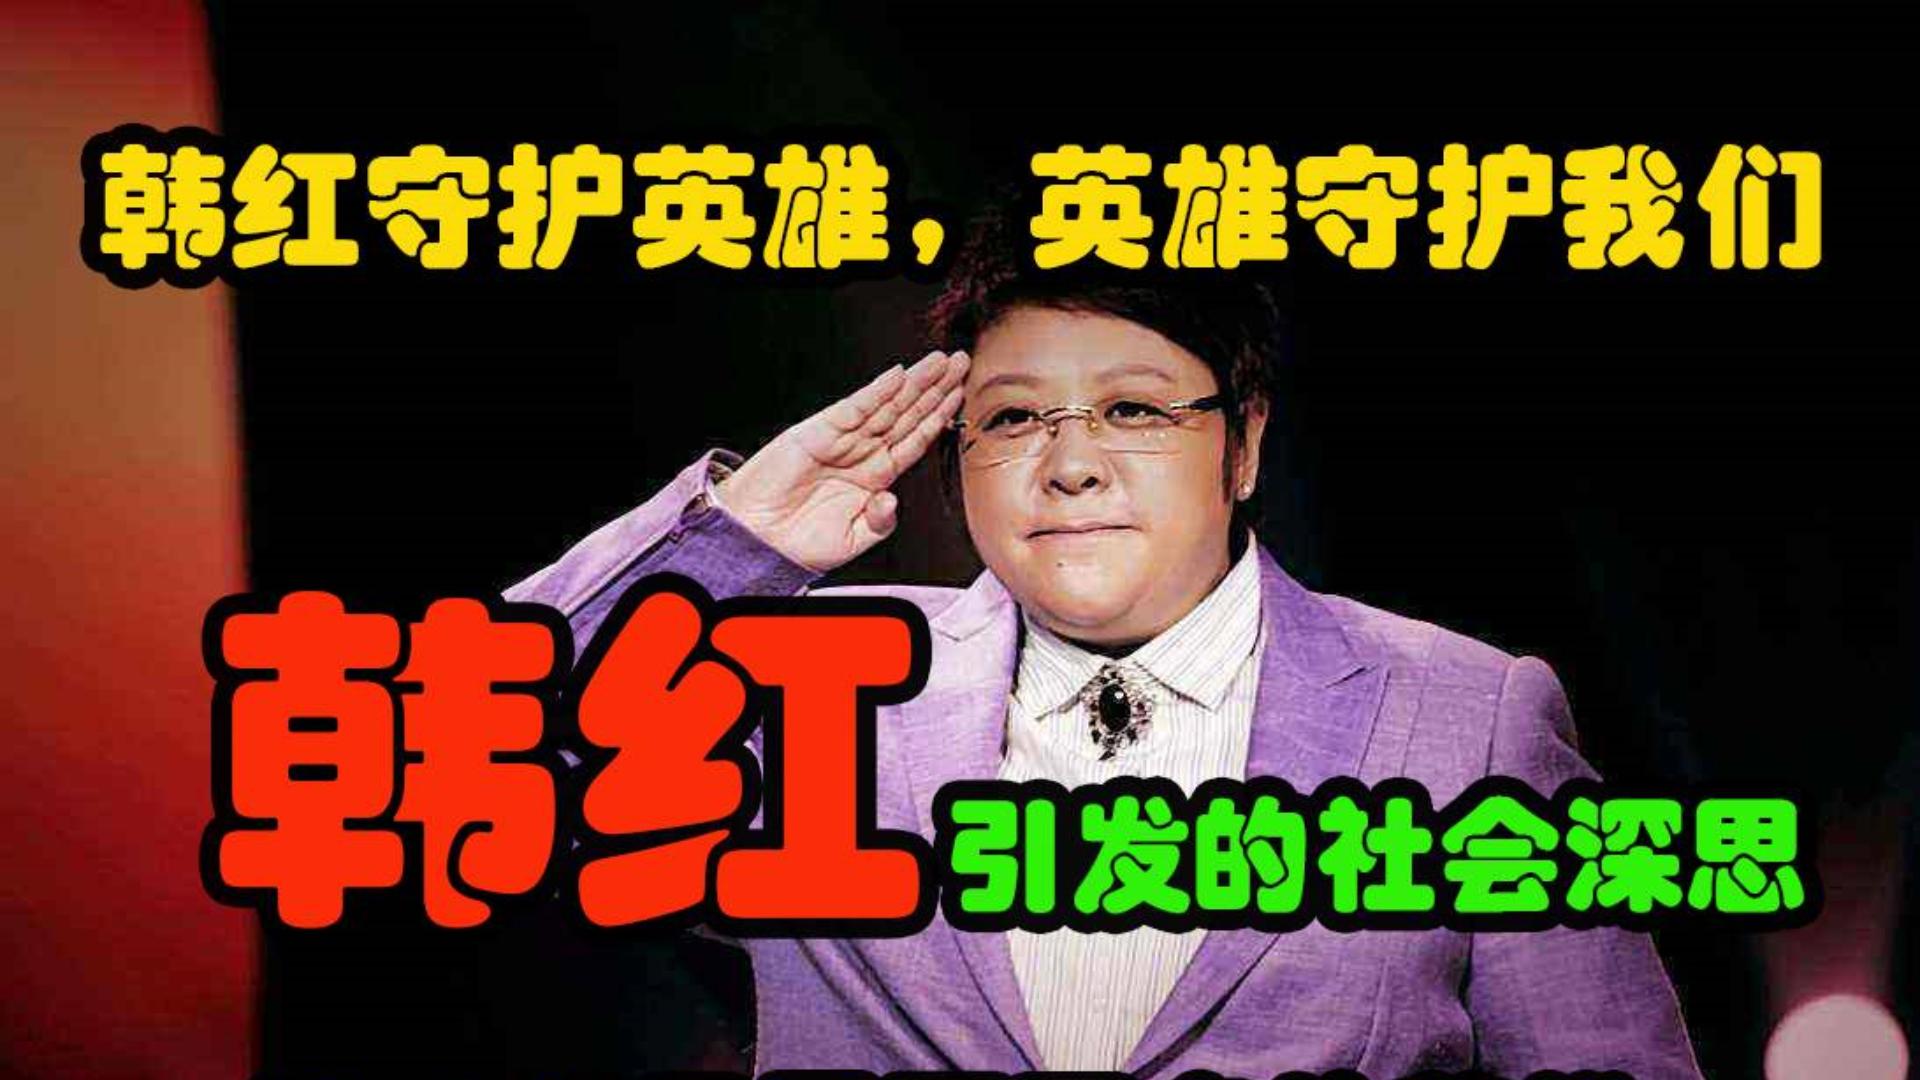 韩红现象引发社会的深思,这个世界需要更多的英雄而不是**!【独树一帜36】